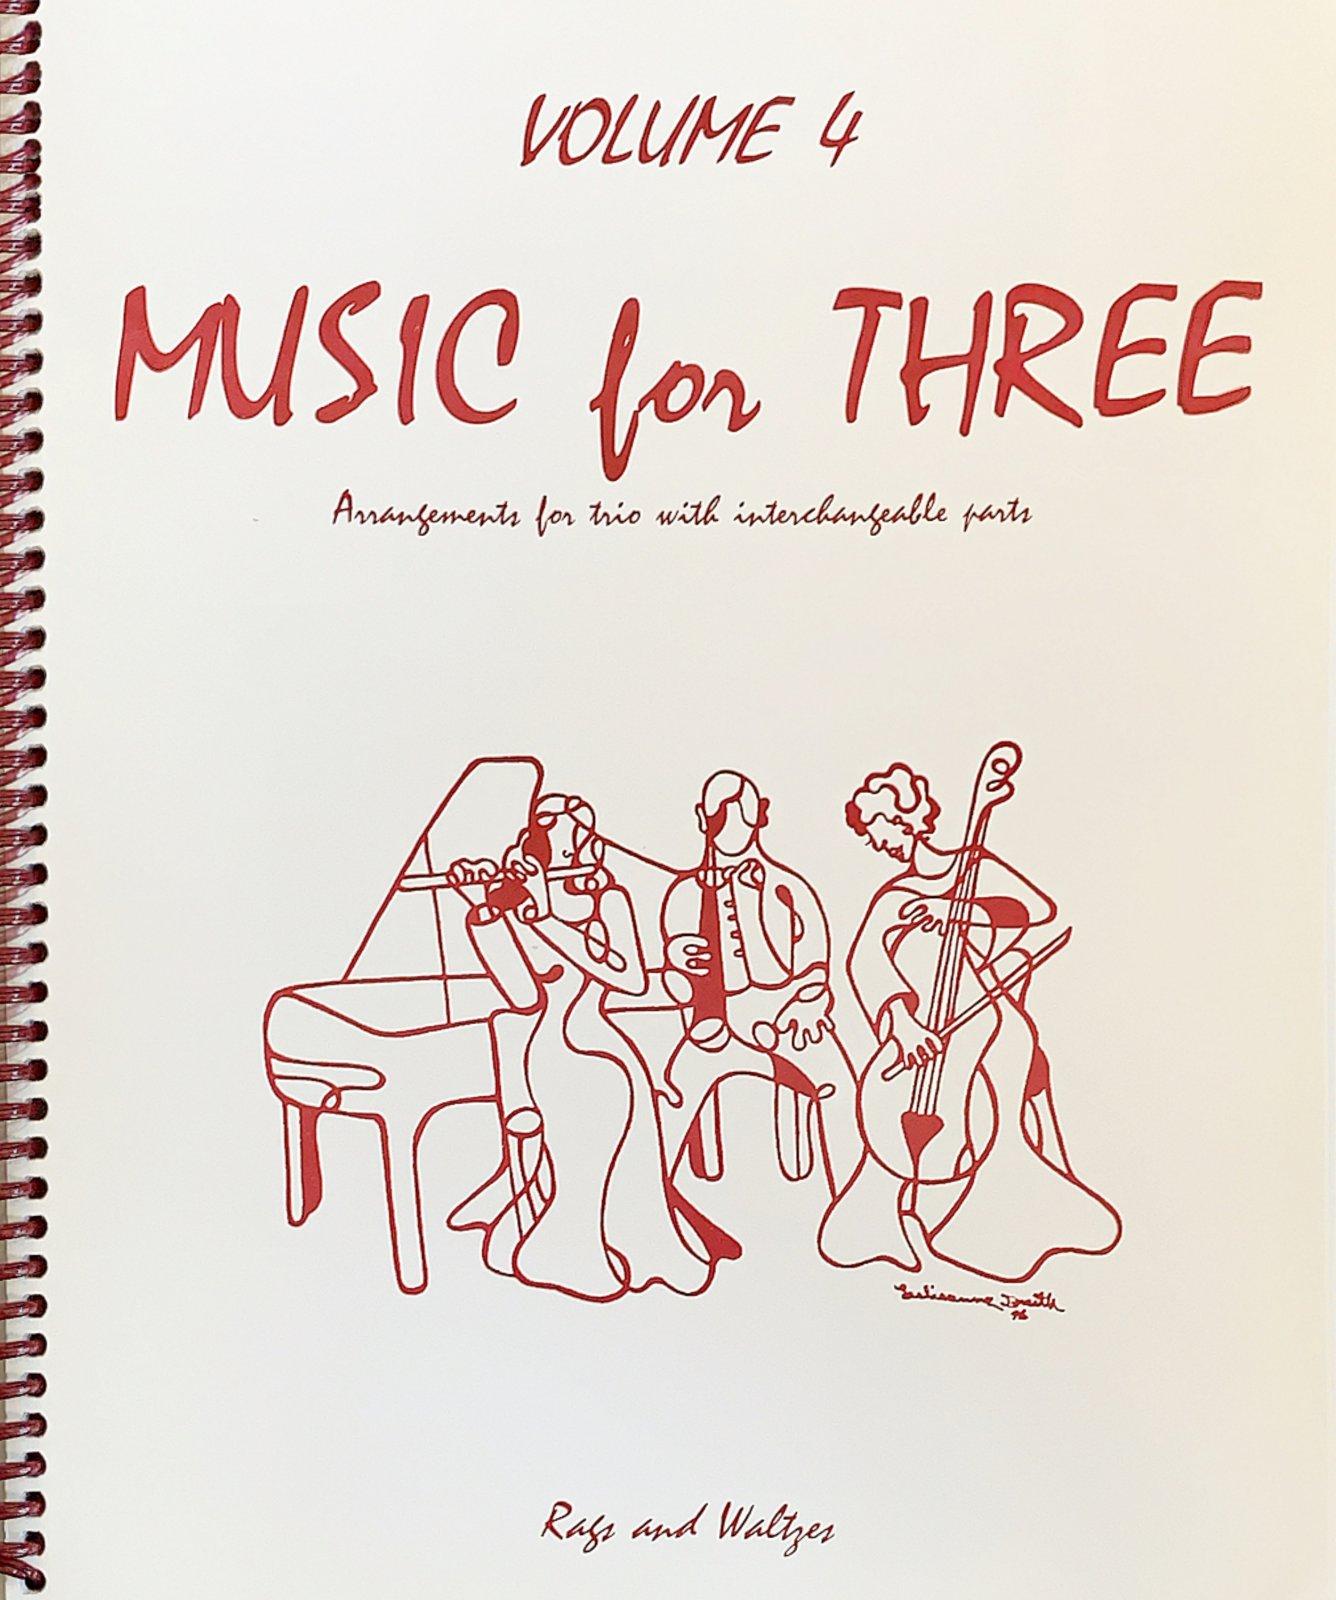 Music for Three Vol 4 Pt 3 - Cello - Kelley - Last Resort